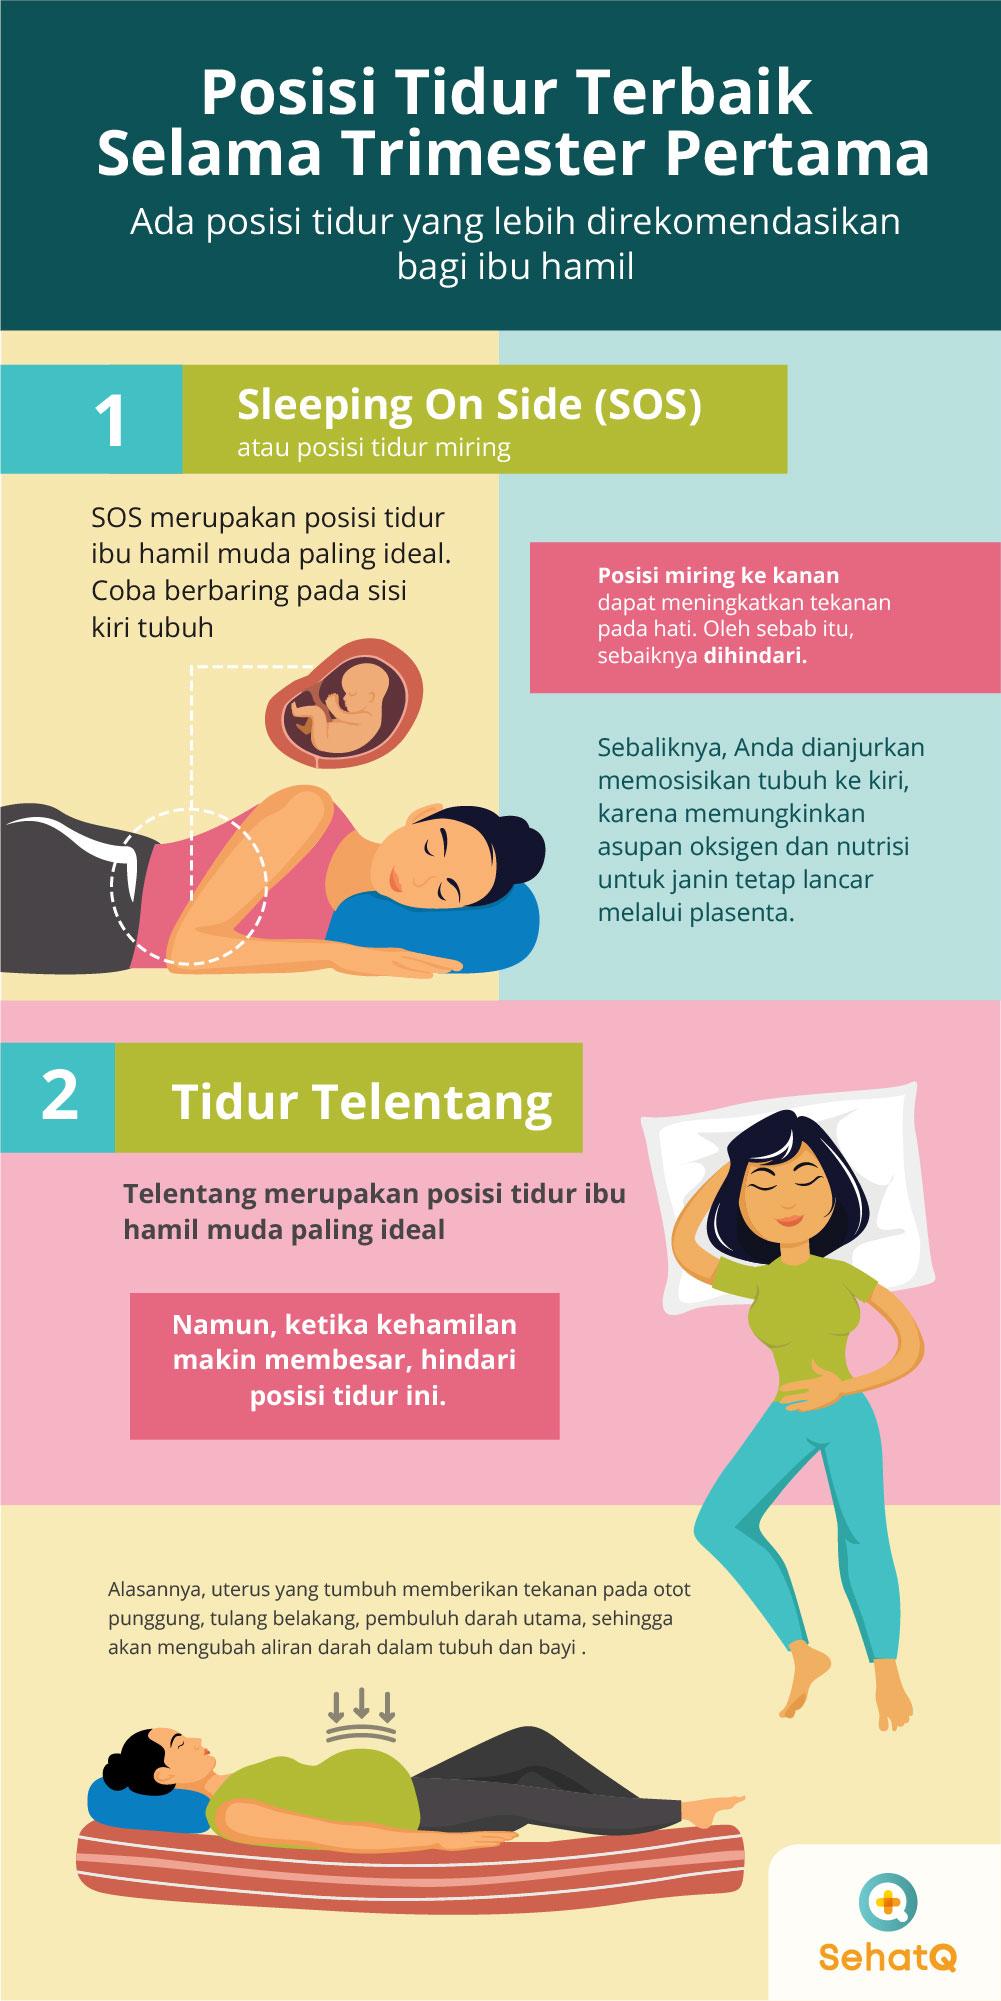 Wajib Tahu 2 Posisi Tidur Ini Aman Untuk Ibu Hamil Di Trimester